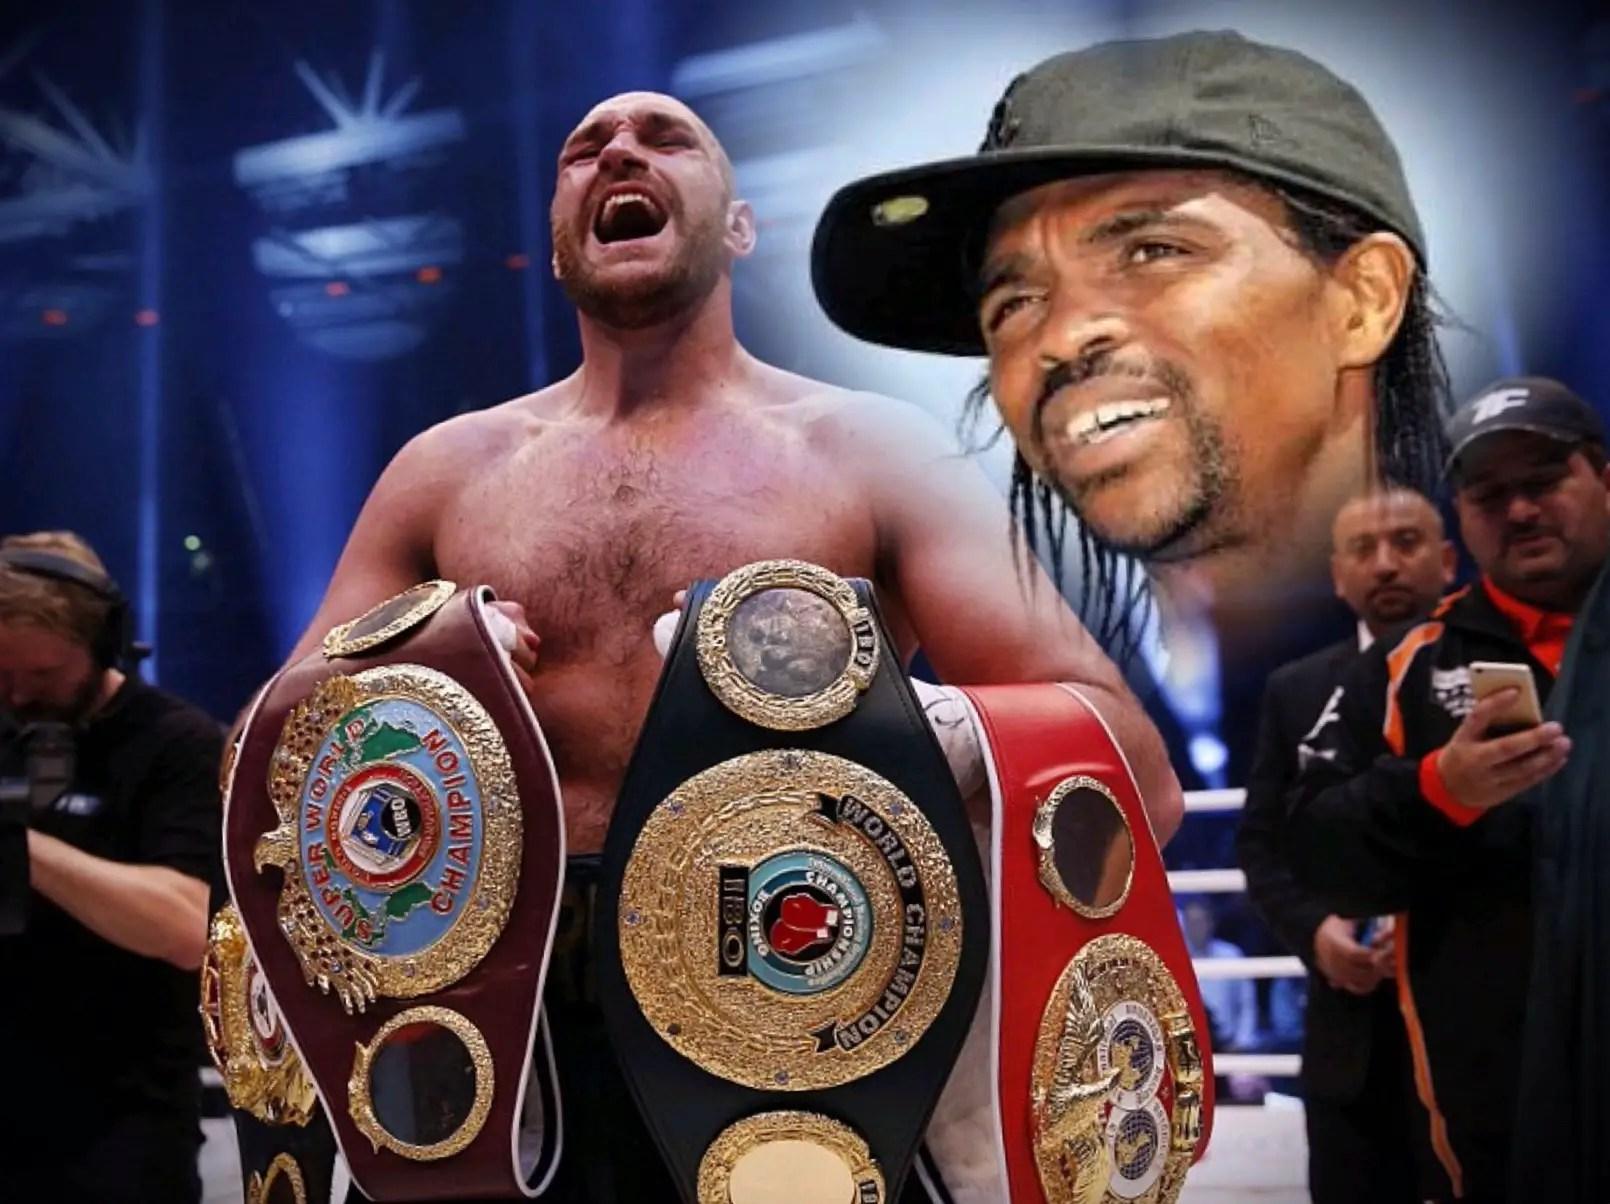 Kanu Congratulates New World Boxing Champion, Fury